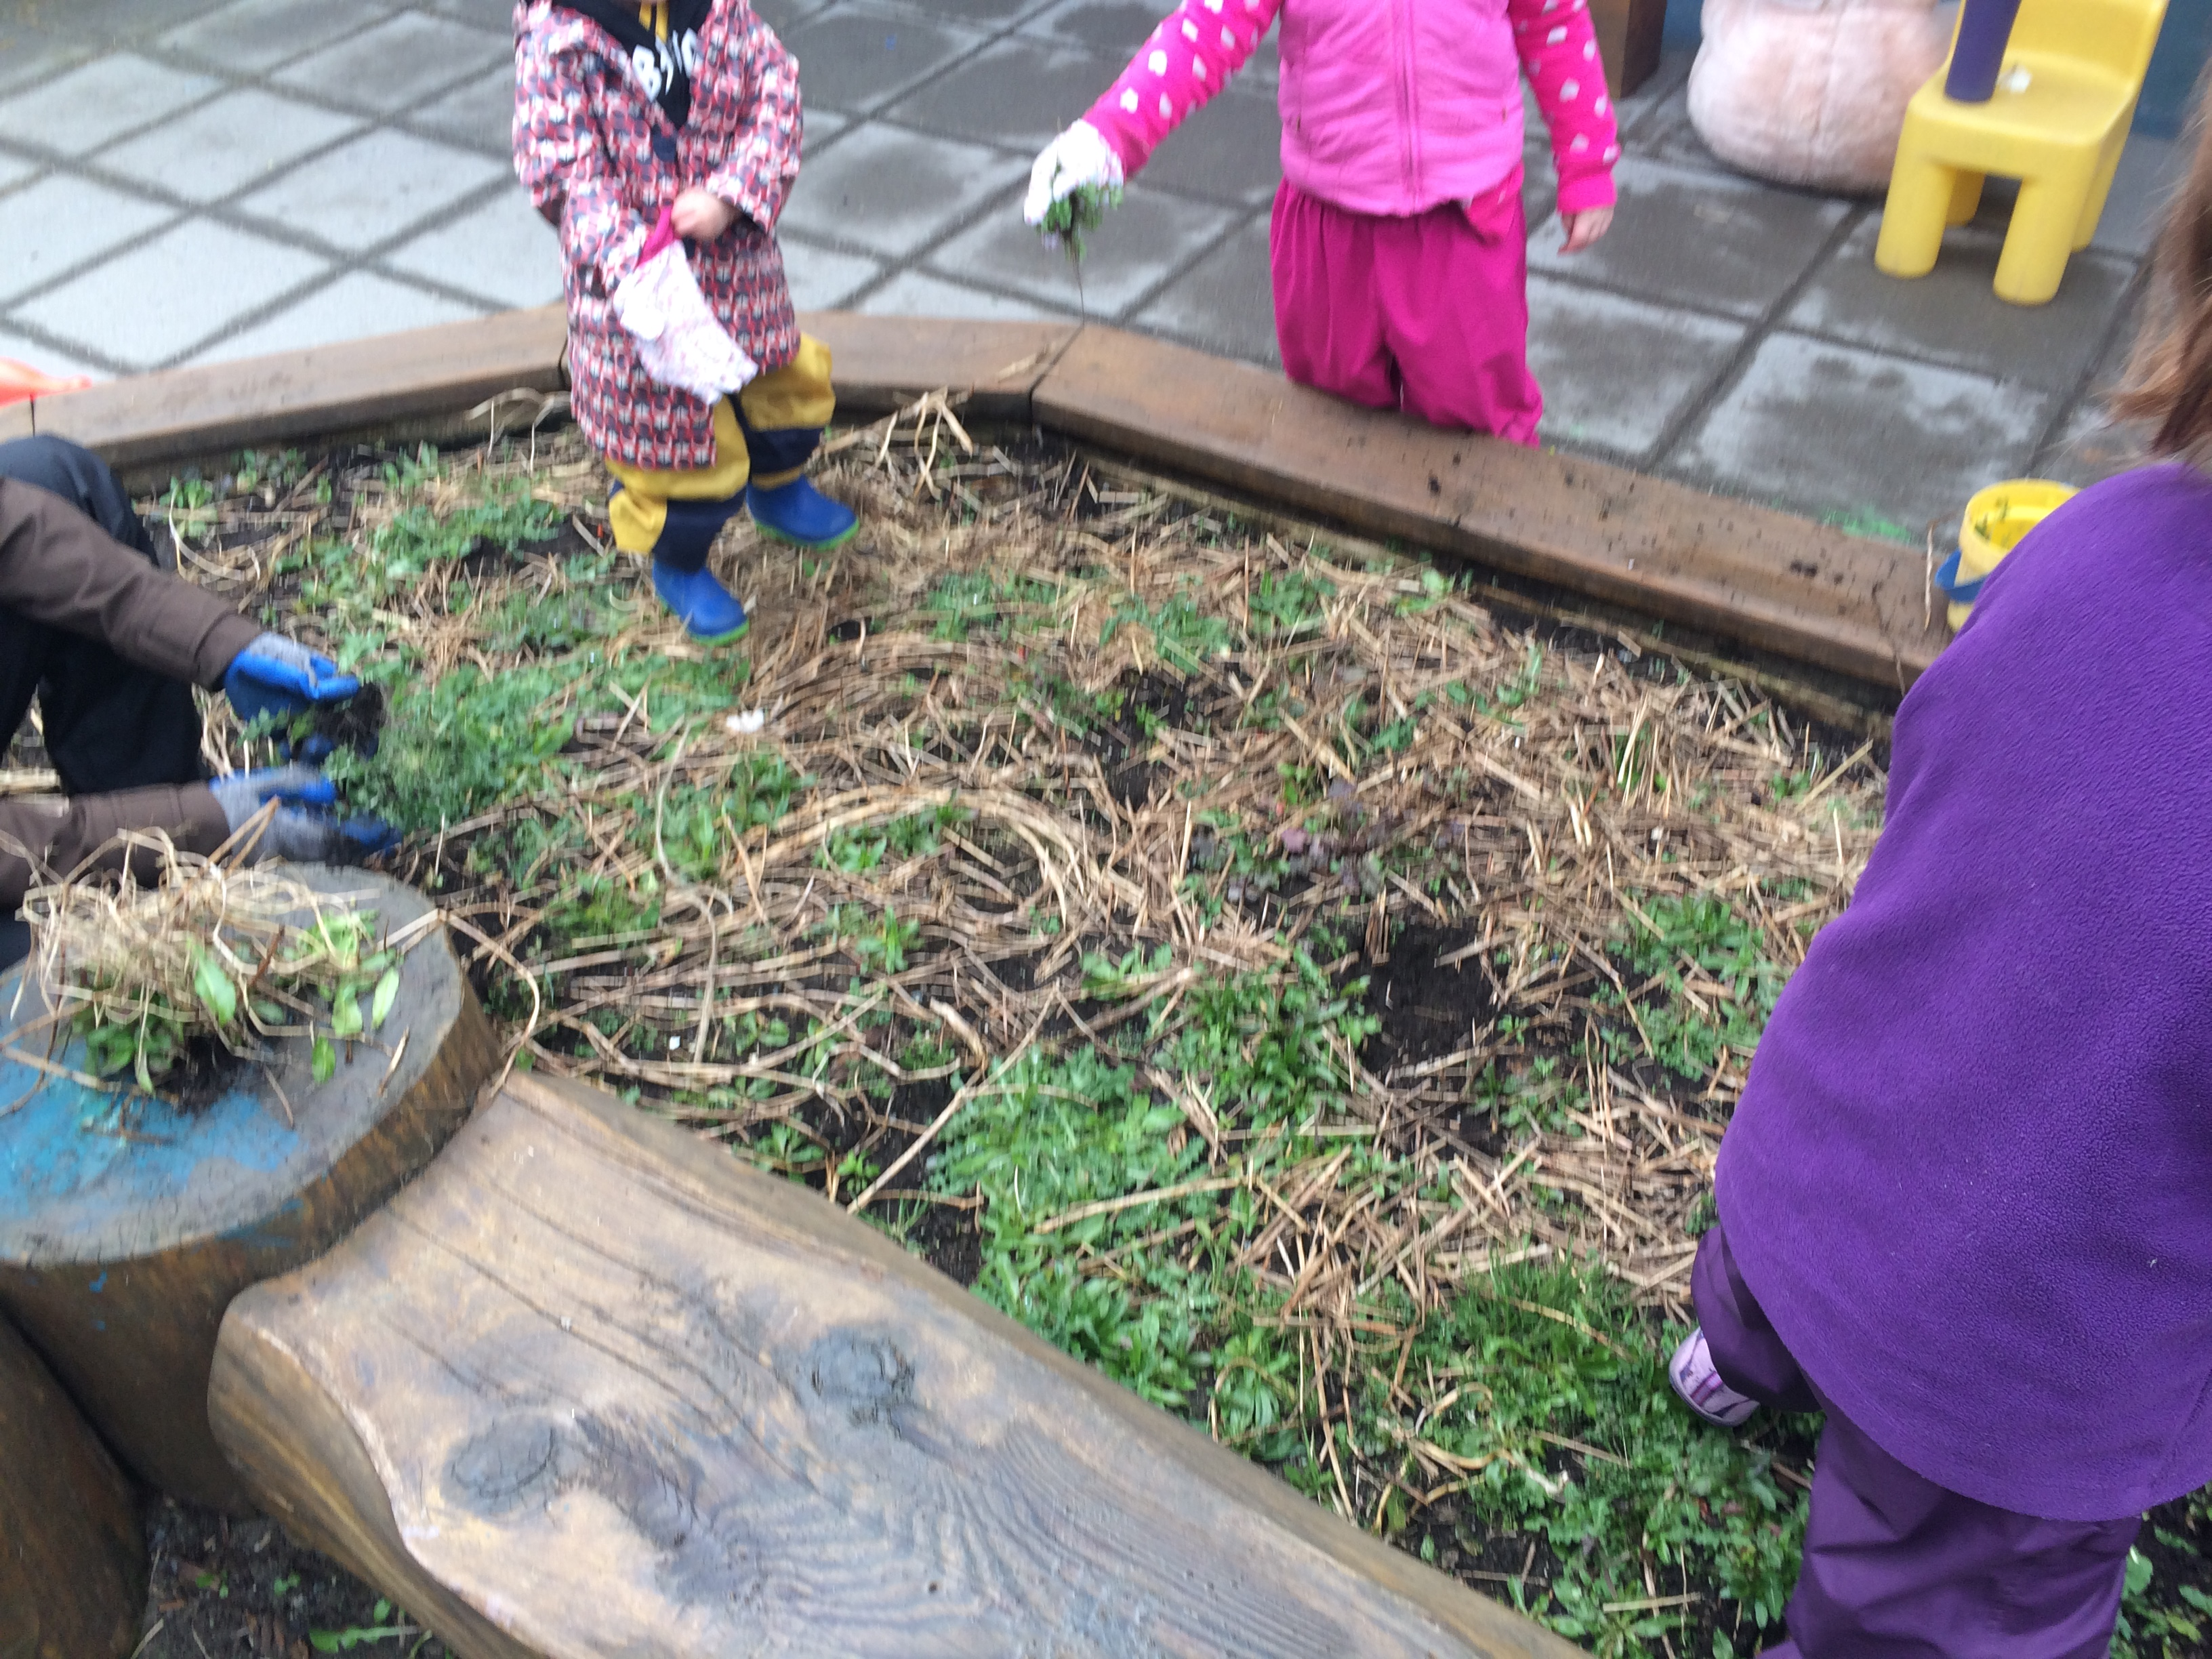 春への準備。海外保育ボランティアで学んだ子どもたちと共有すること重要性